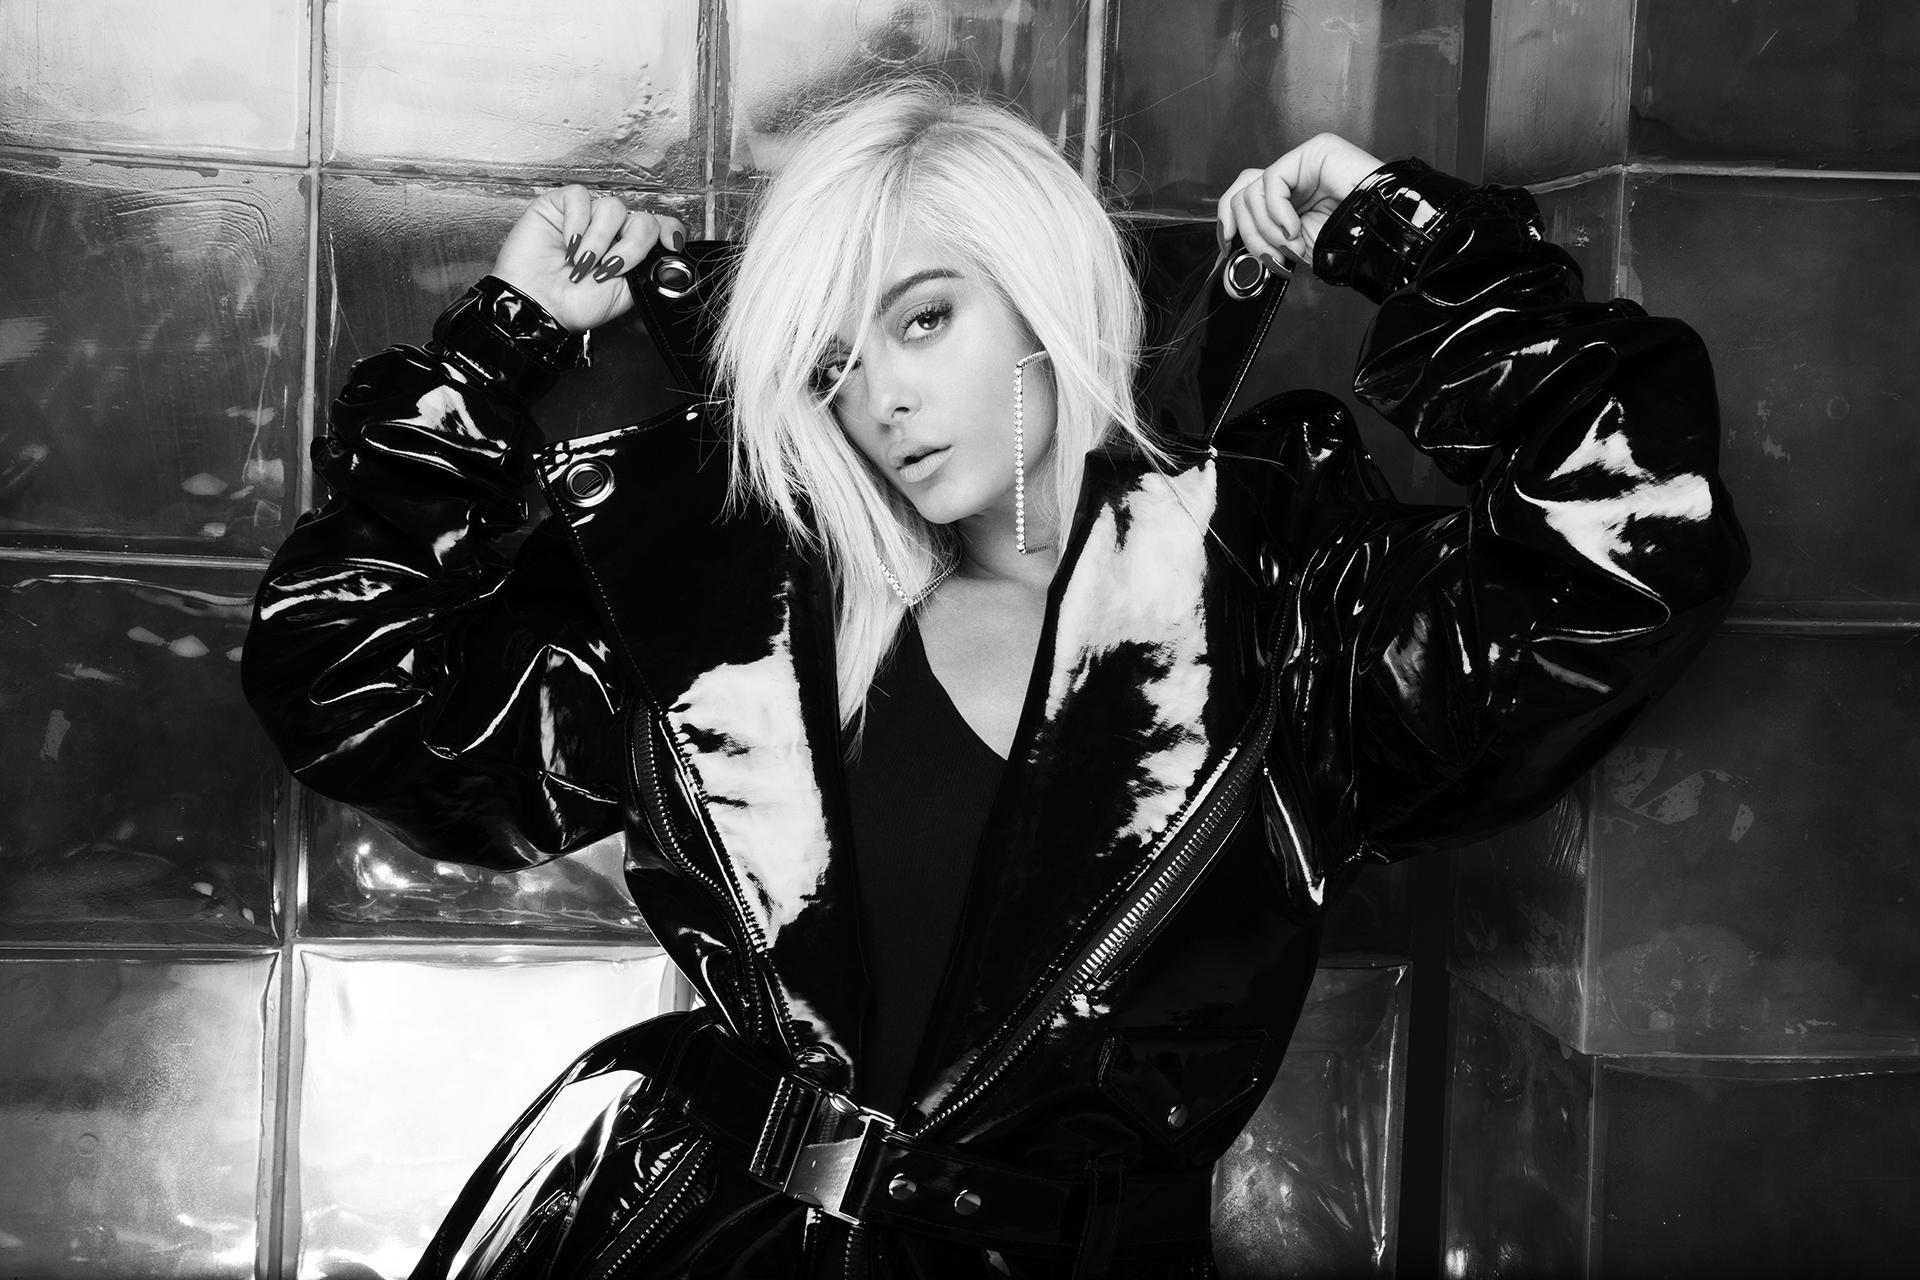 Artistporträt # 19: Bebe Rexha aus New York. (c) Warner Music